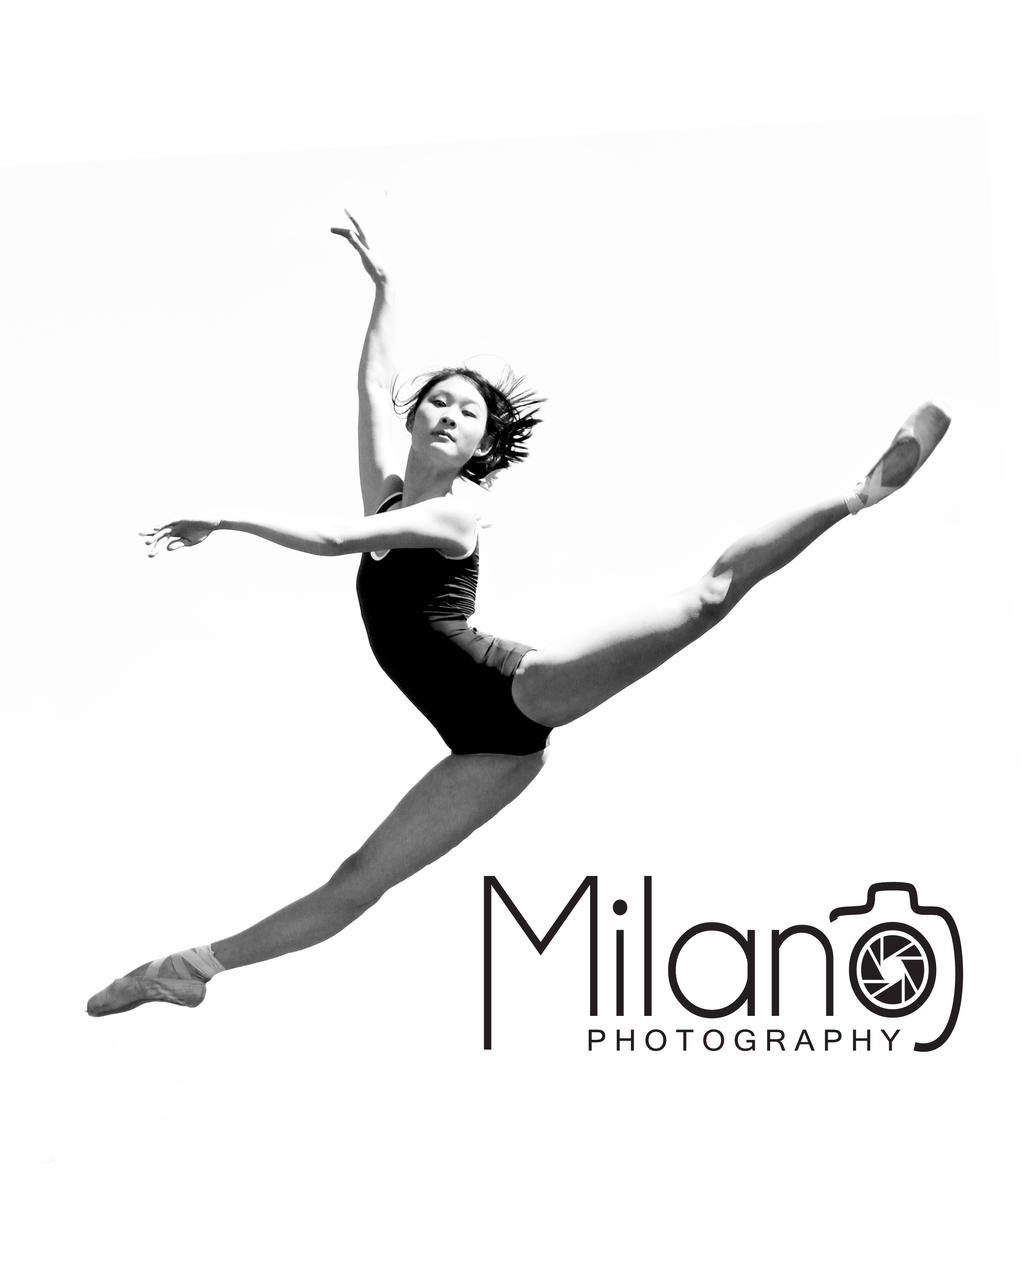 milanophoto's Profile Picture